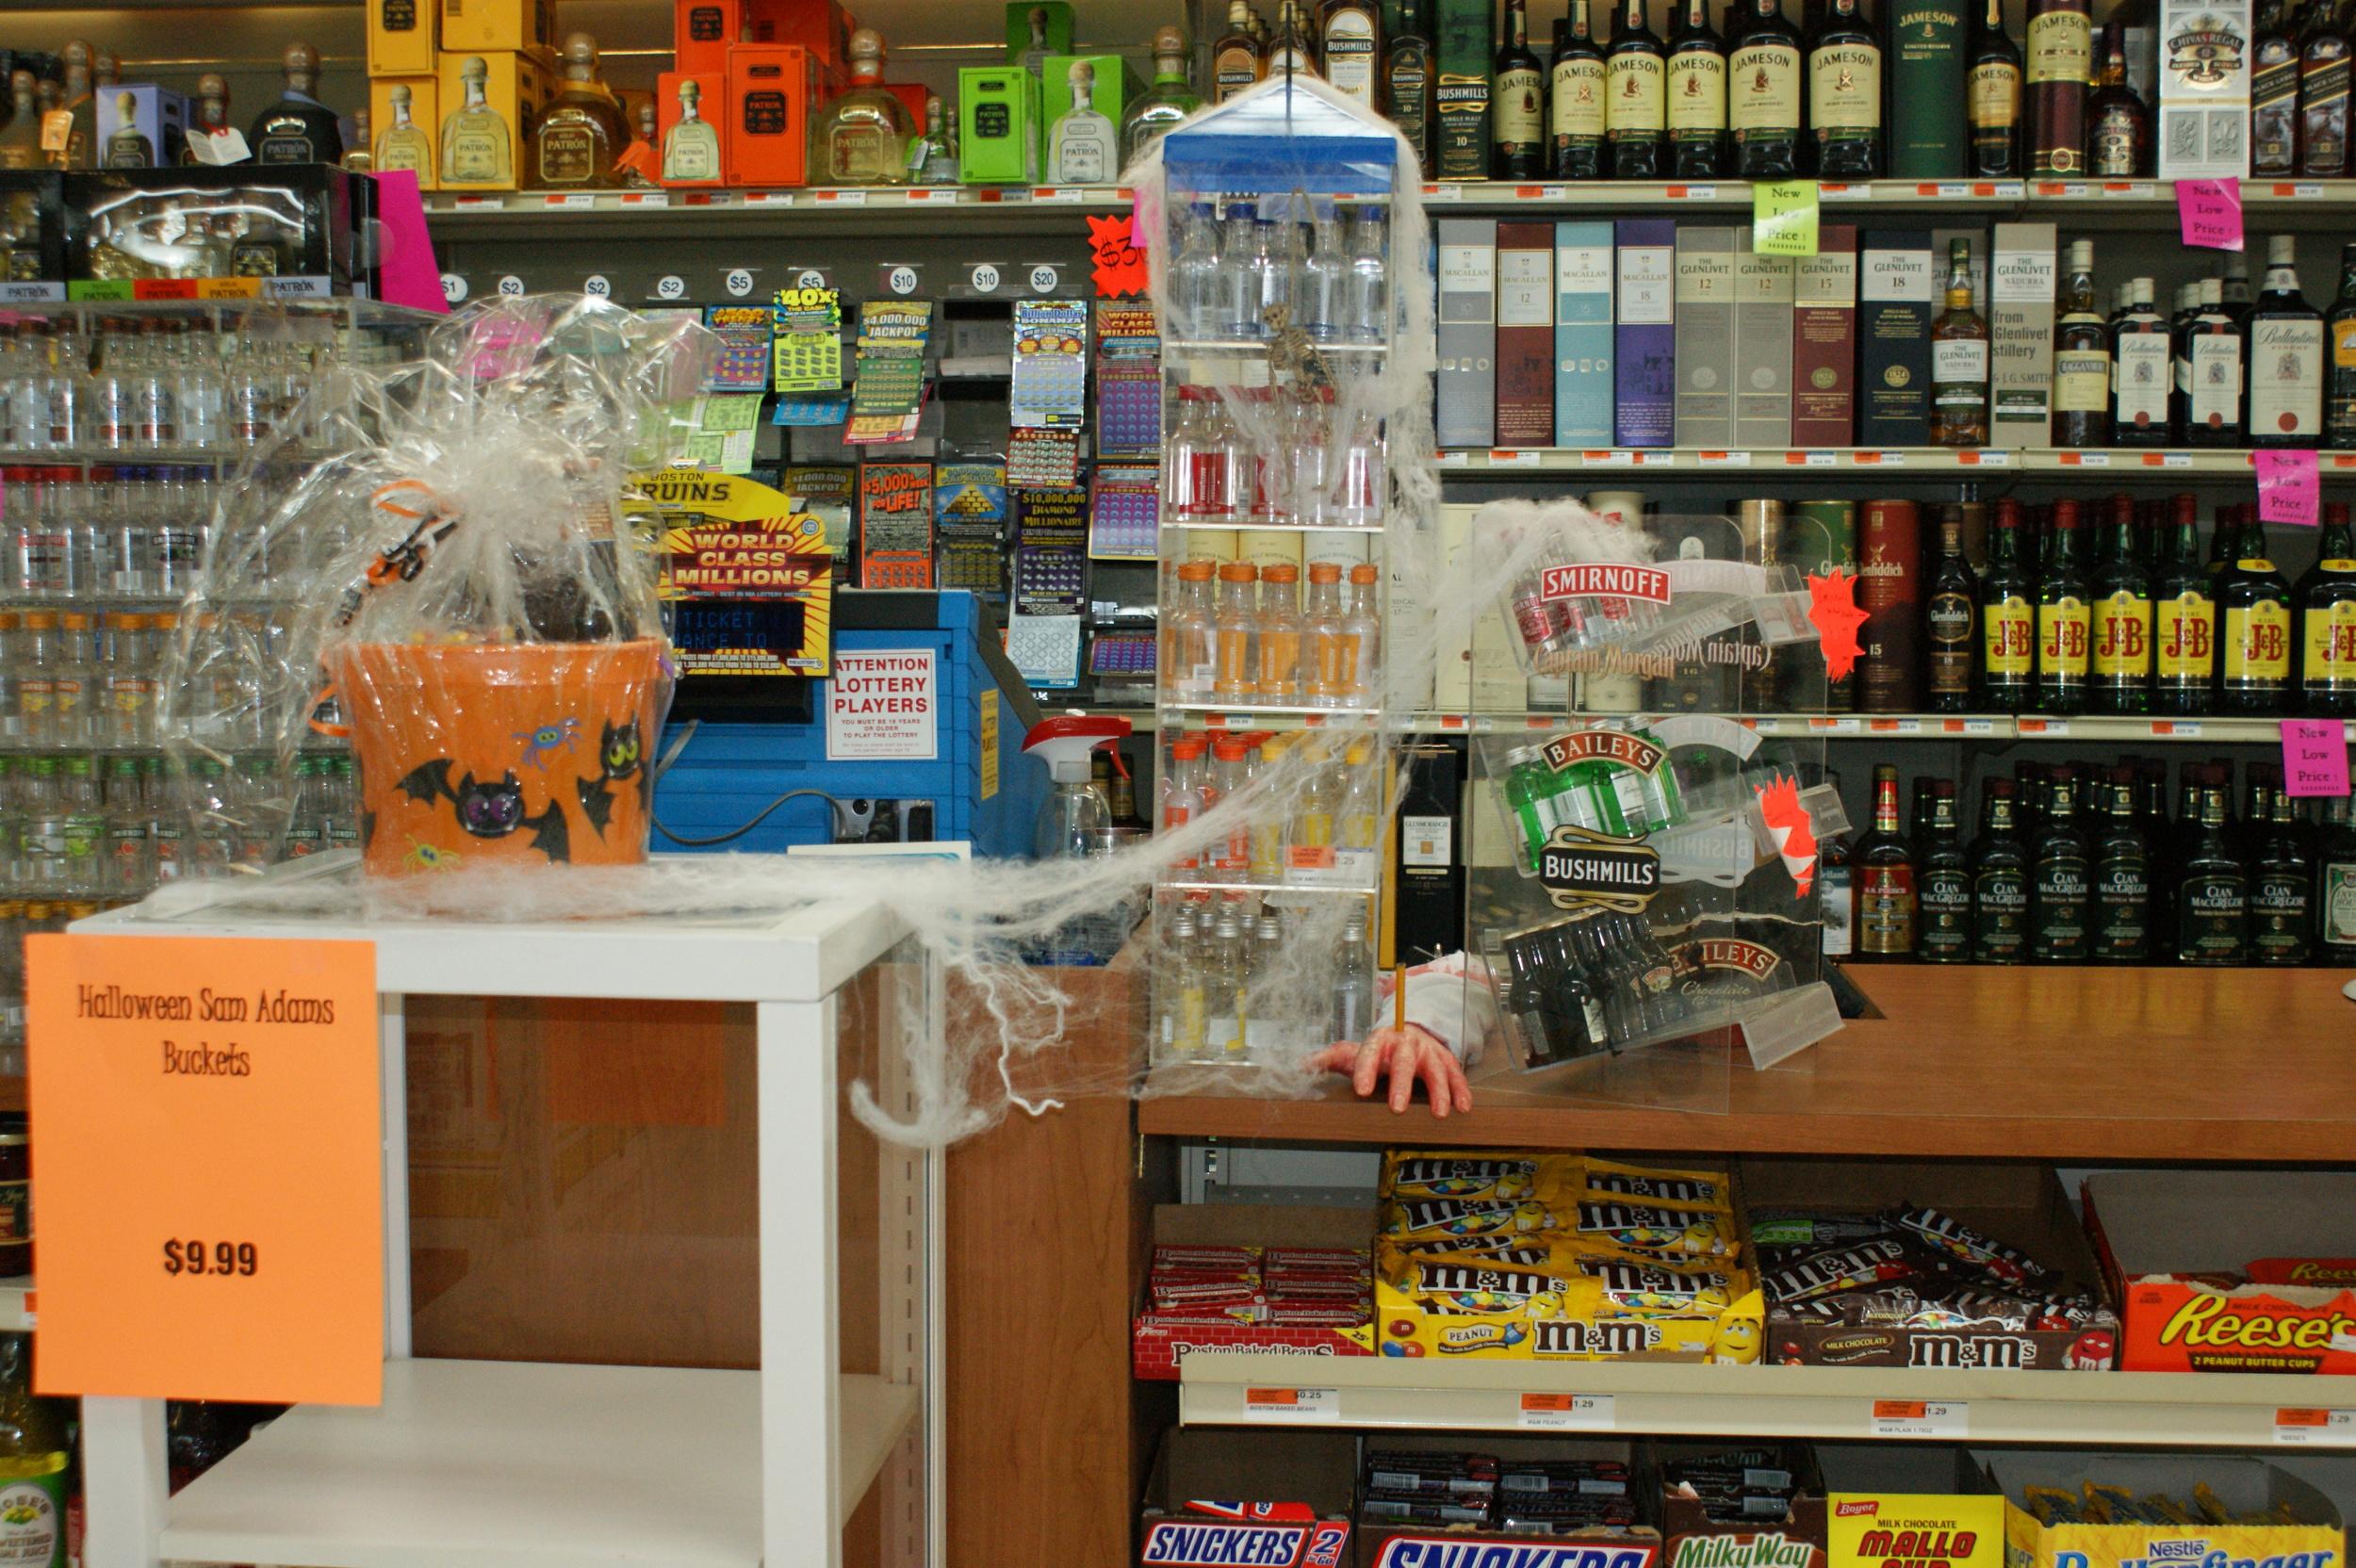 Halloween Buckets.jpg